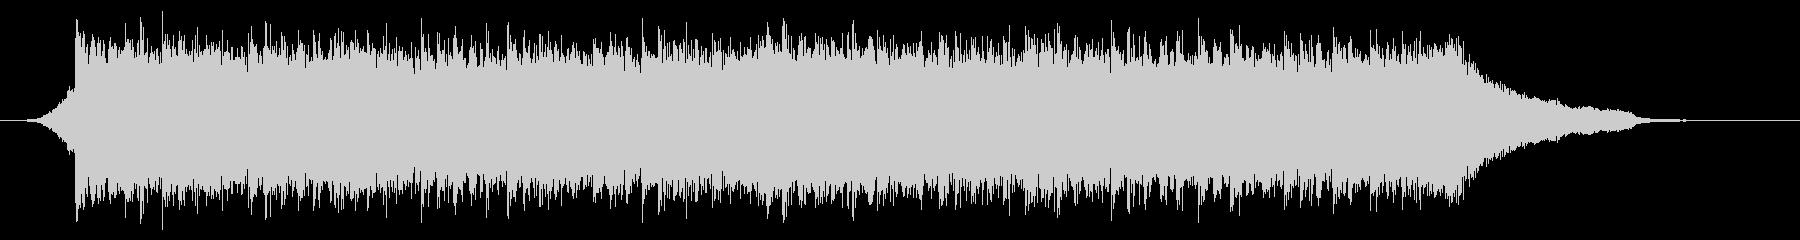 企業VP映像、121オーケストラ、爽快cの未再生の波形